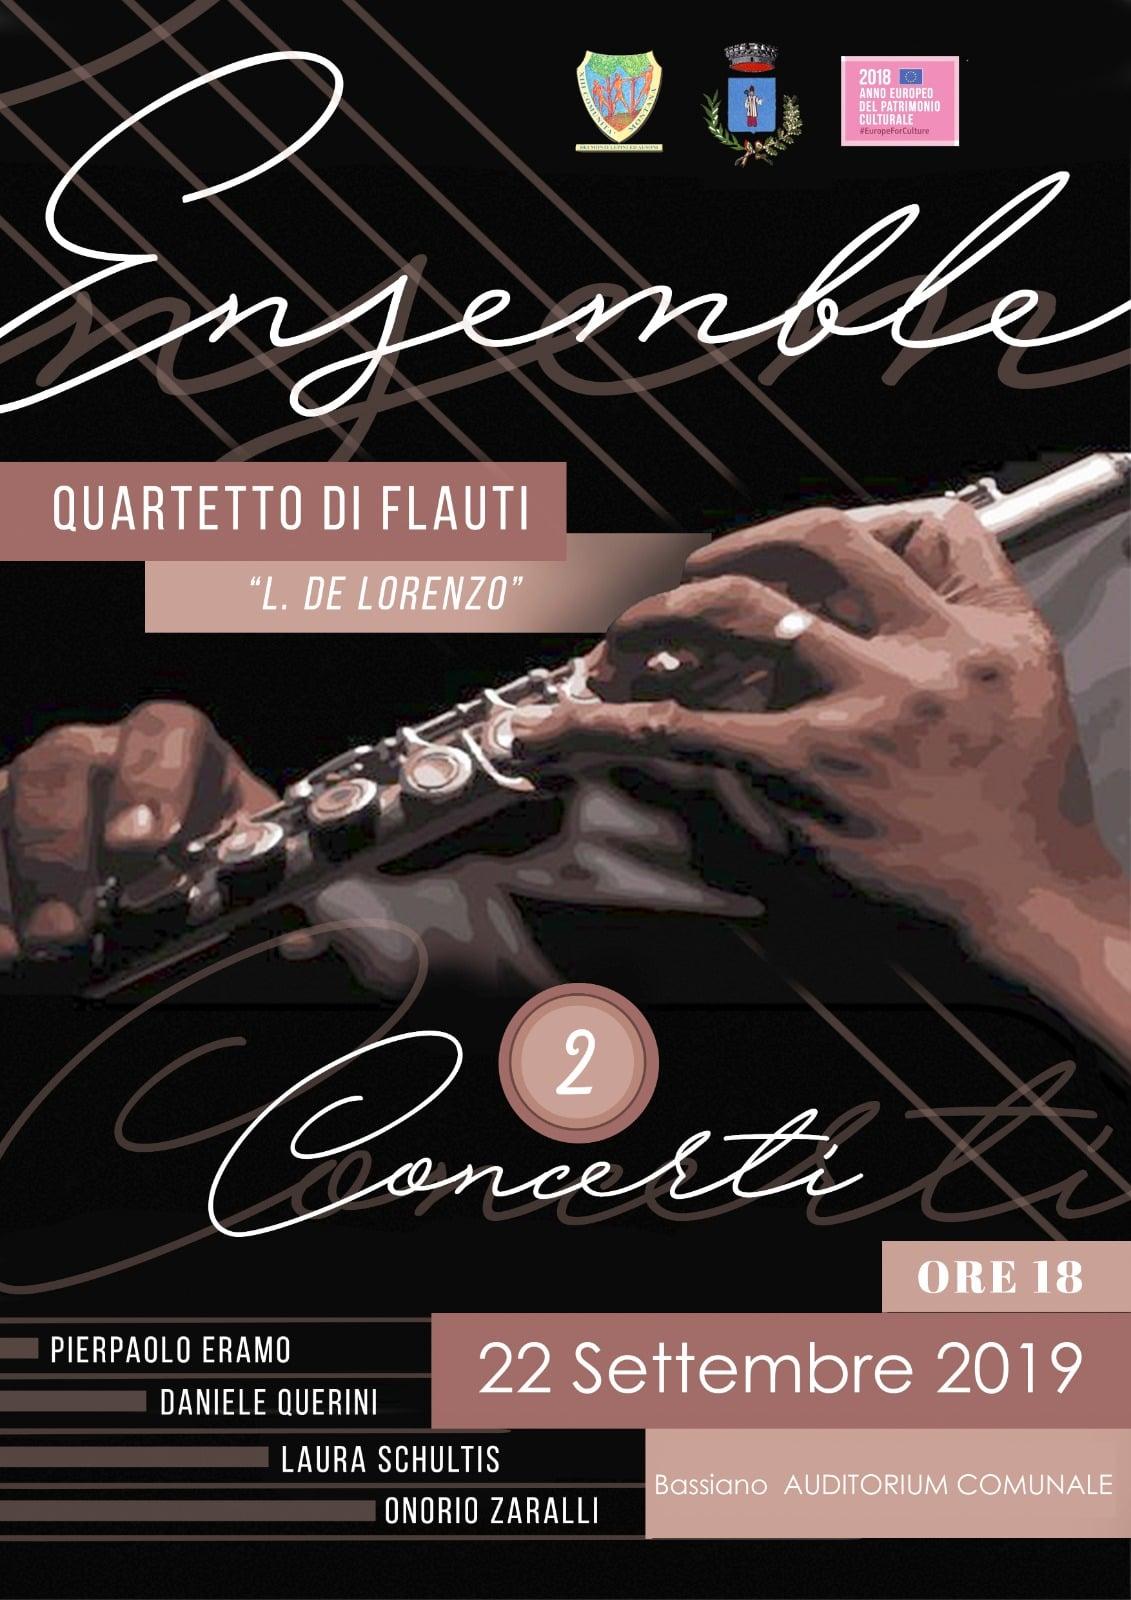 Bassiano: 2 concerti @ auditorium comunale | Bassiano | Lazio | Italia